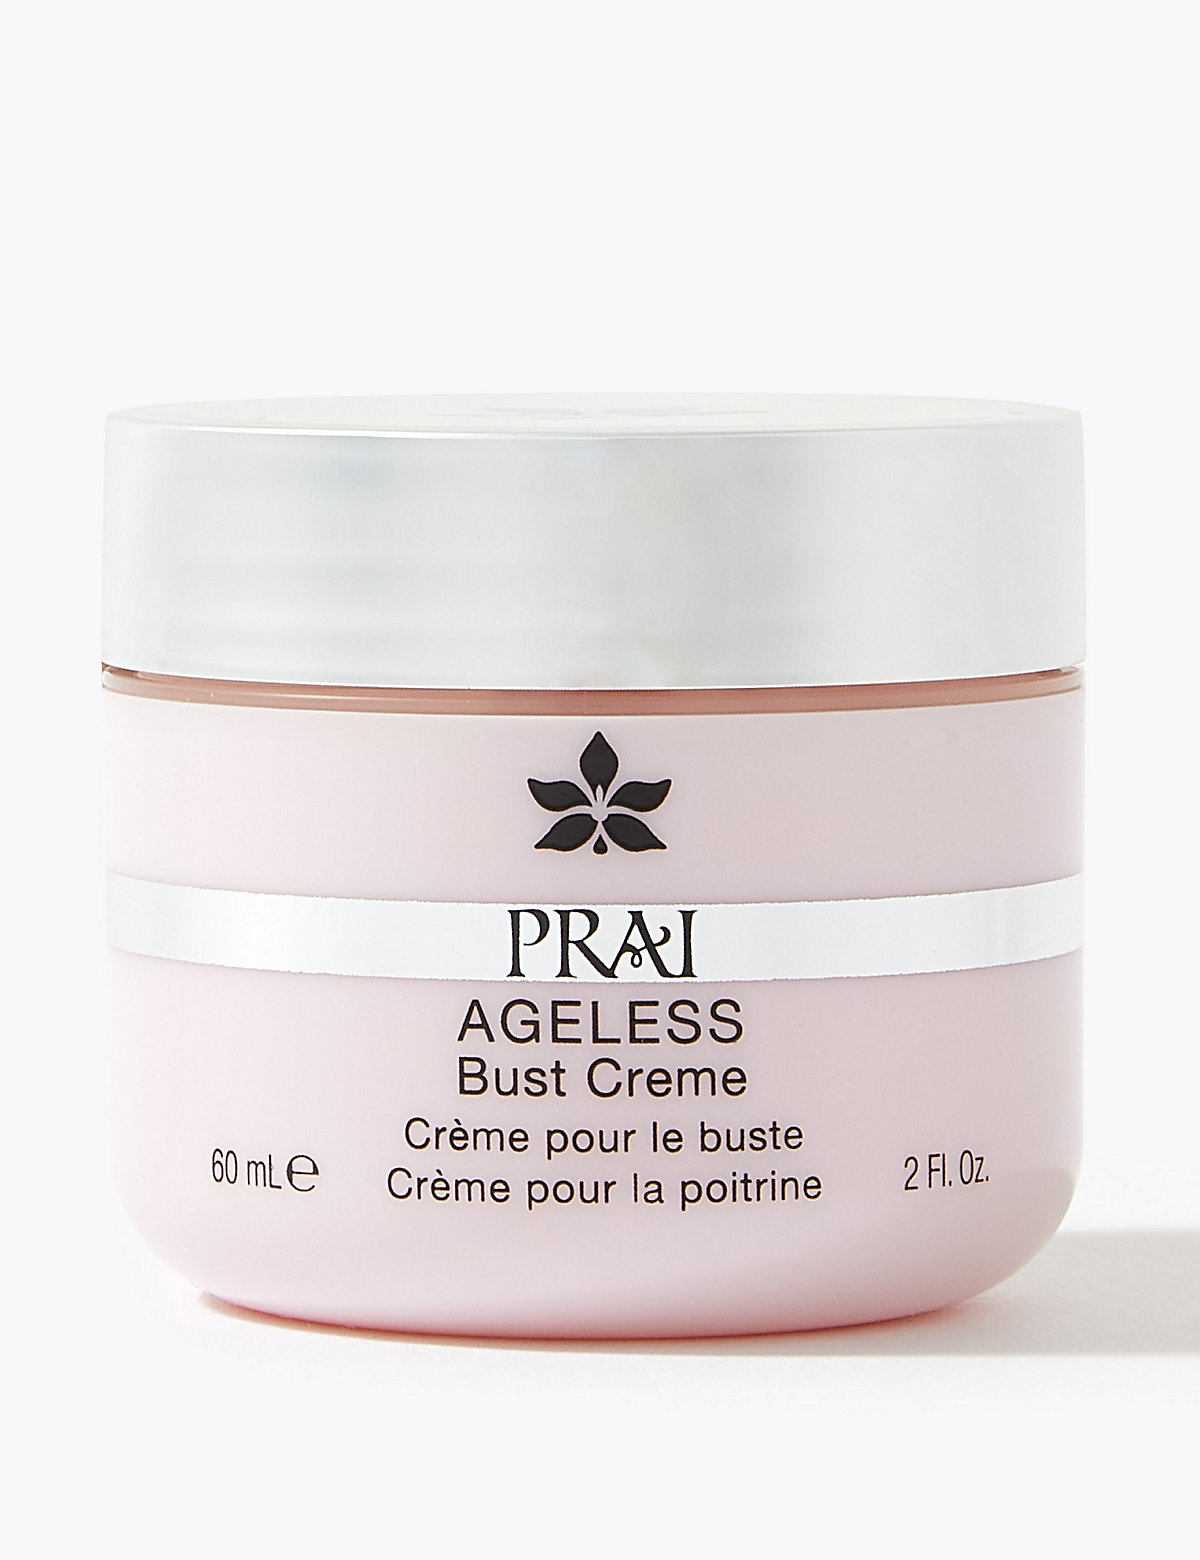 PRAI Ageless Bust Creme 60ml